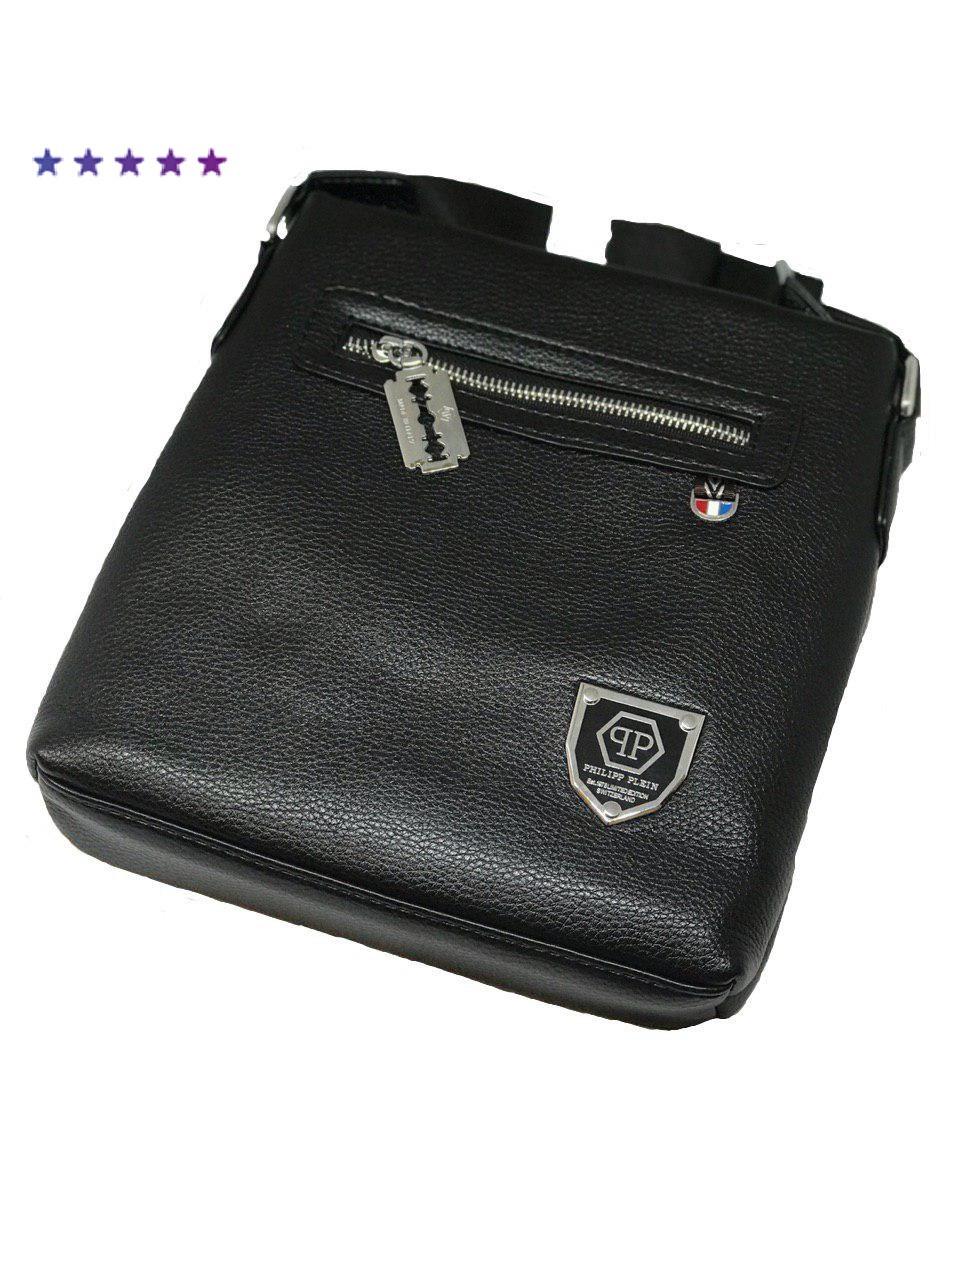 Мужская сумка через плечо Philipp Plein черная в трех размерах